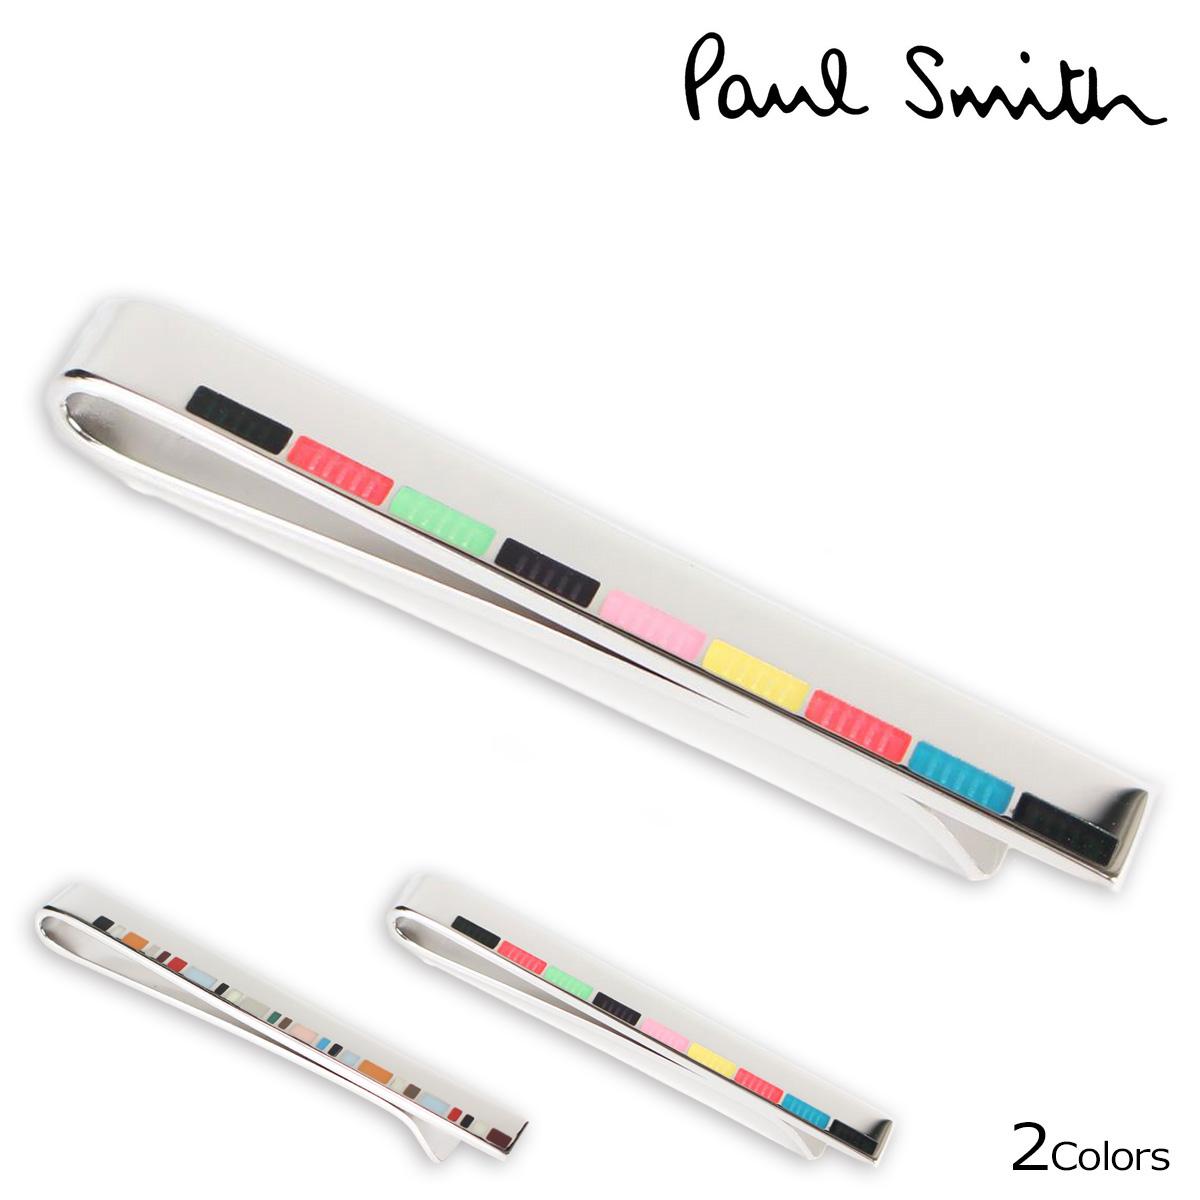 【日本産】 ポールスミス ネクタイピン Paul Smith メンズ タイバー ネクタイピン タイバー TIE PIN シルバー シルバー, サプリストック:02e7e68c --- clftranspo.dominiotemporario.com